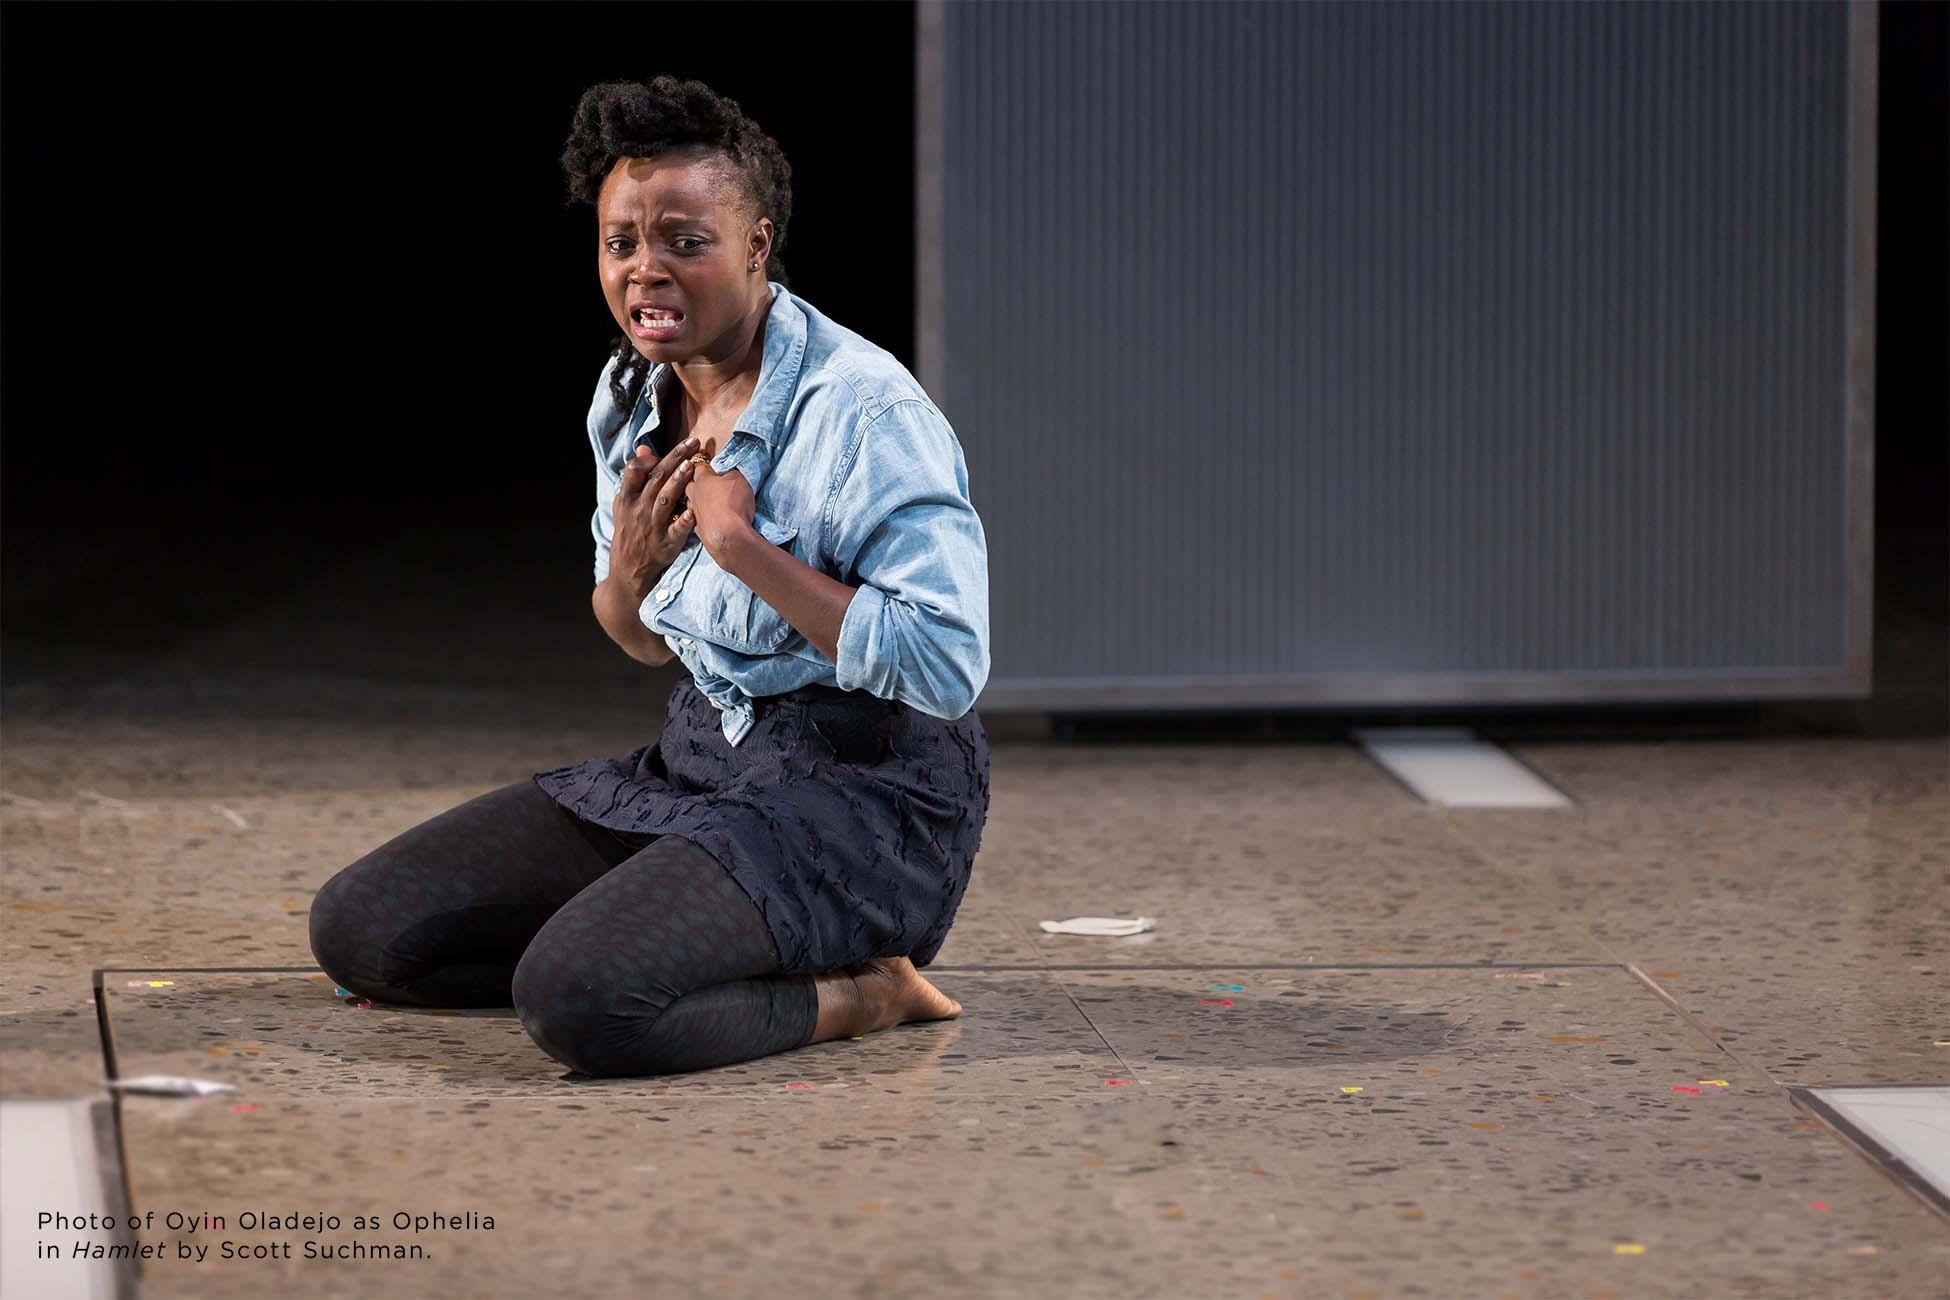 Photo of Oyin Oladejo by Scott Suchman.